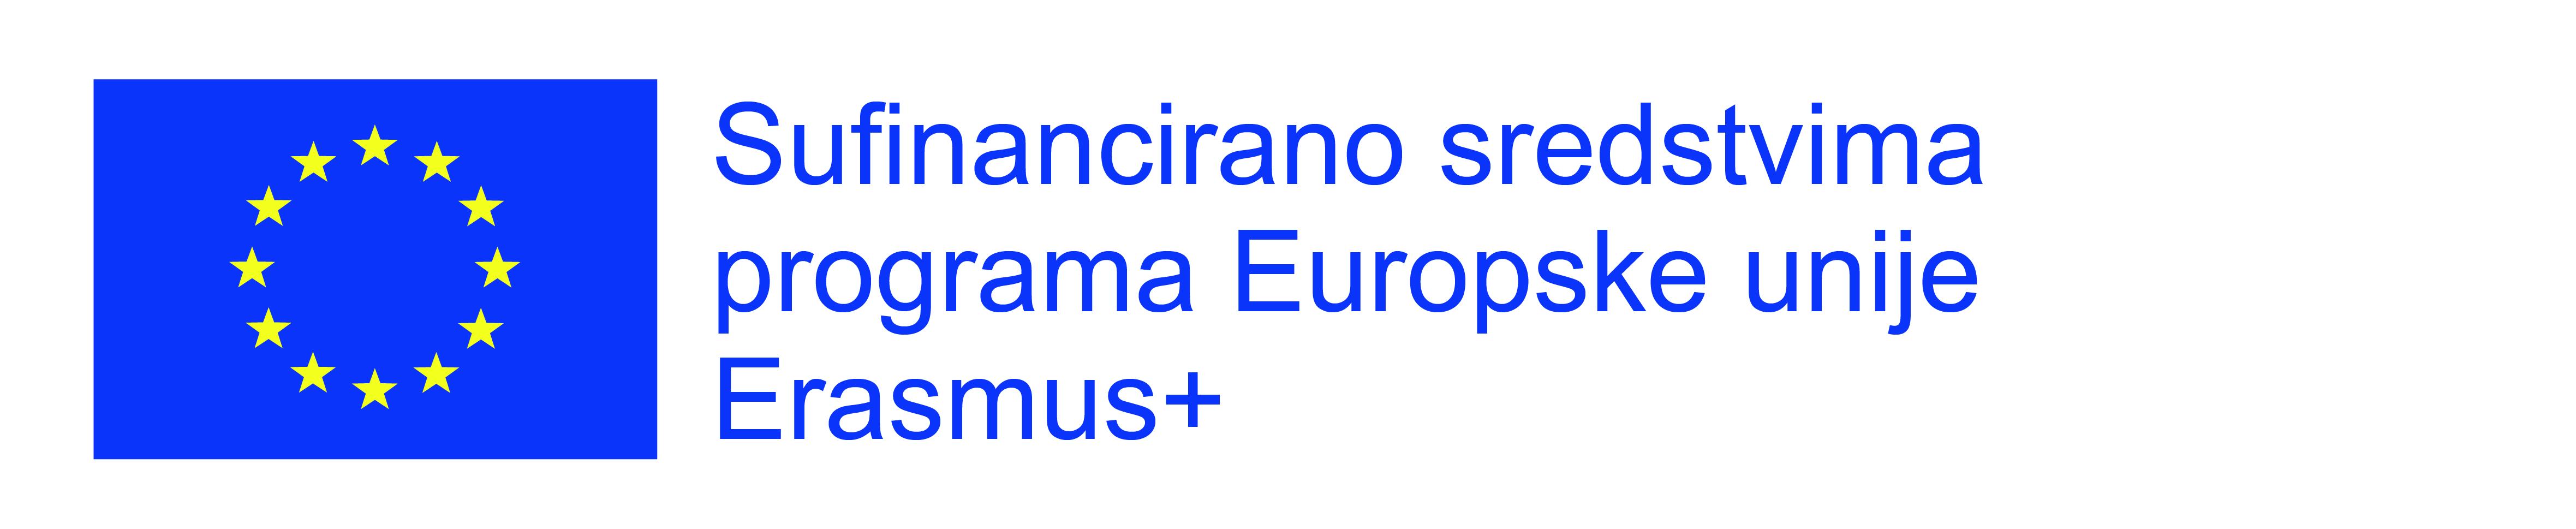 Sufinancirano sredstvima programa Europske Unije Erasmus+